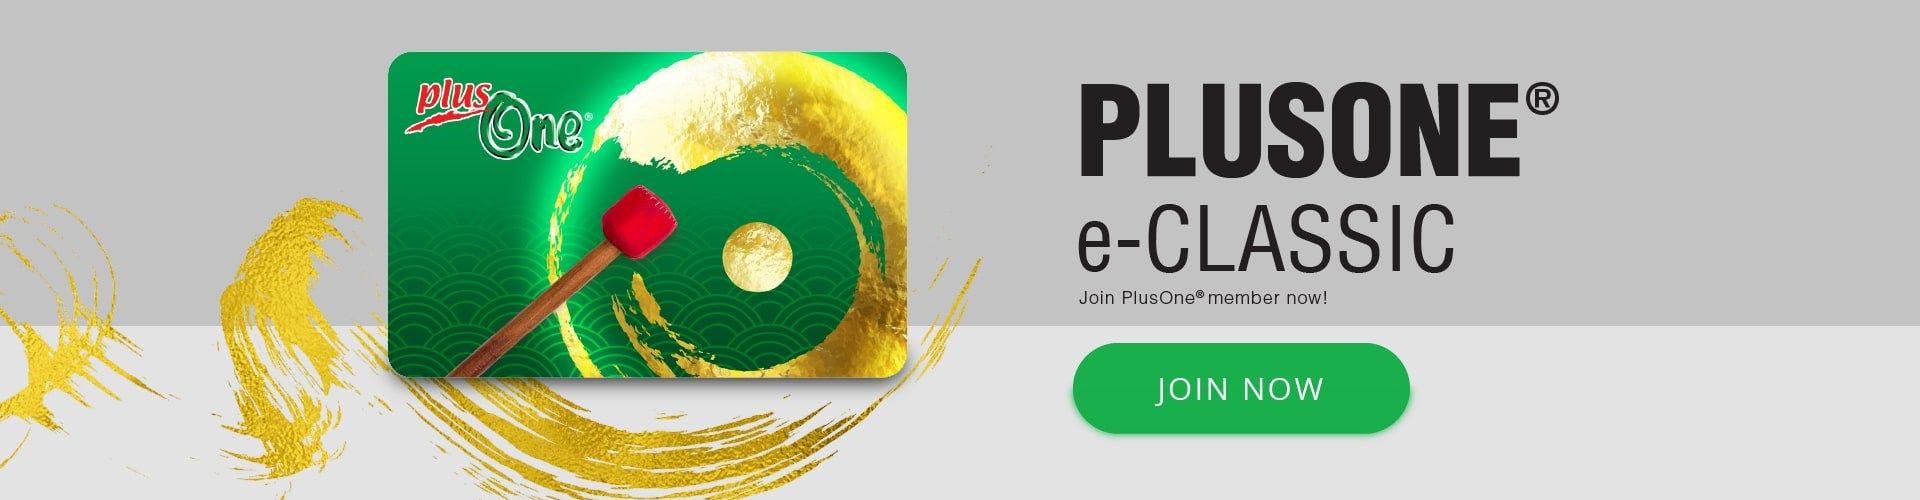 PlusOne Member